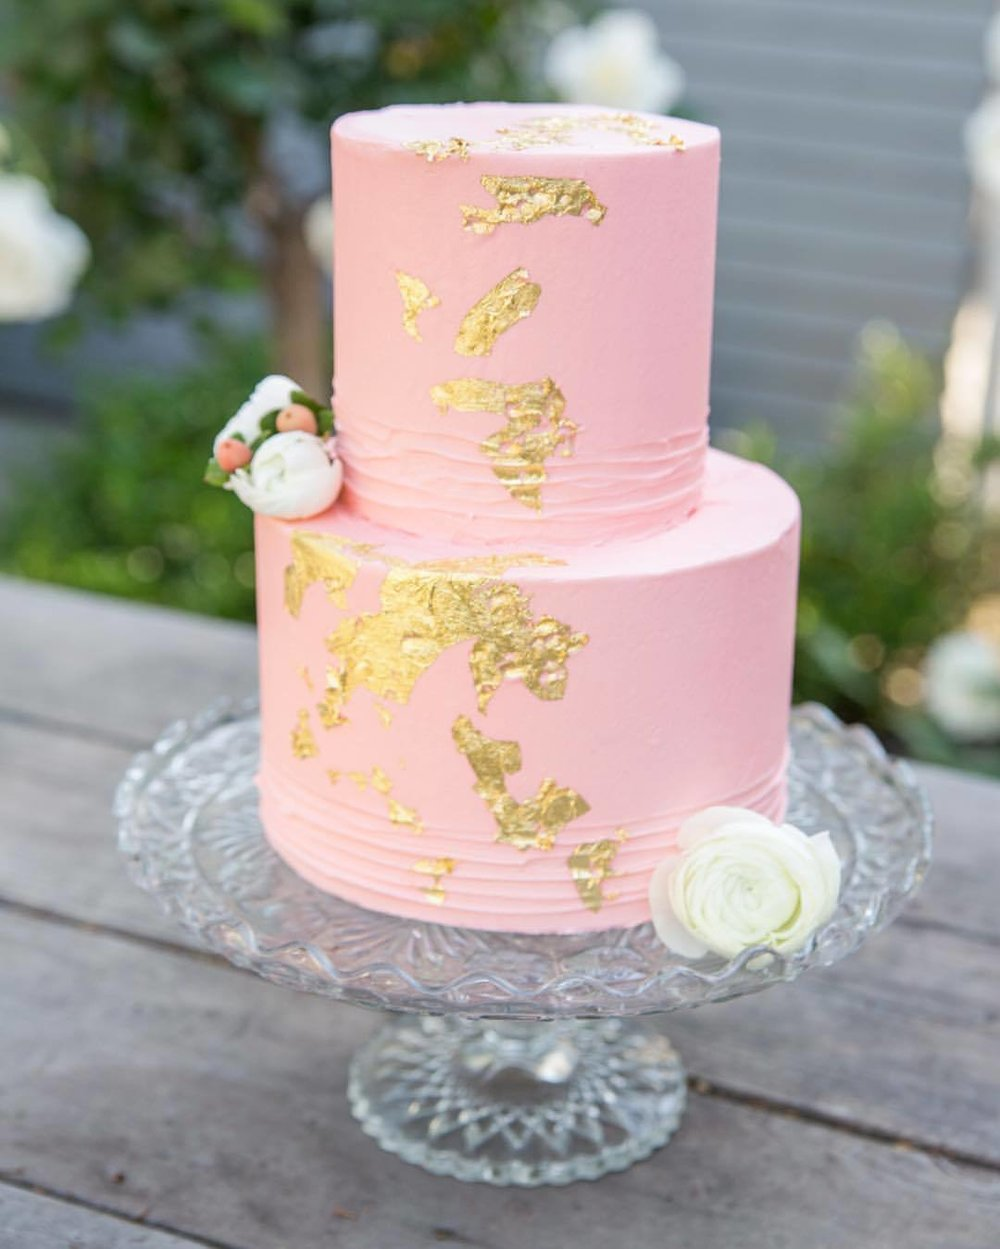 Yum yum gimme some! @nicolebakescakes makes #weddingcakes with style. #nunezweddings #weddinginspirations #goldaccent #weddingdaybliss #bakery #treatsplease  (at The Bembridge House)